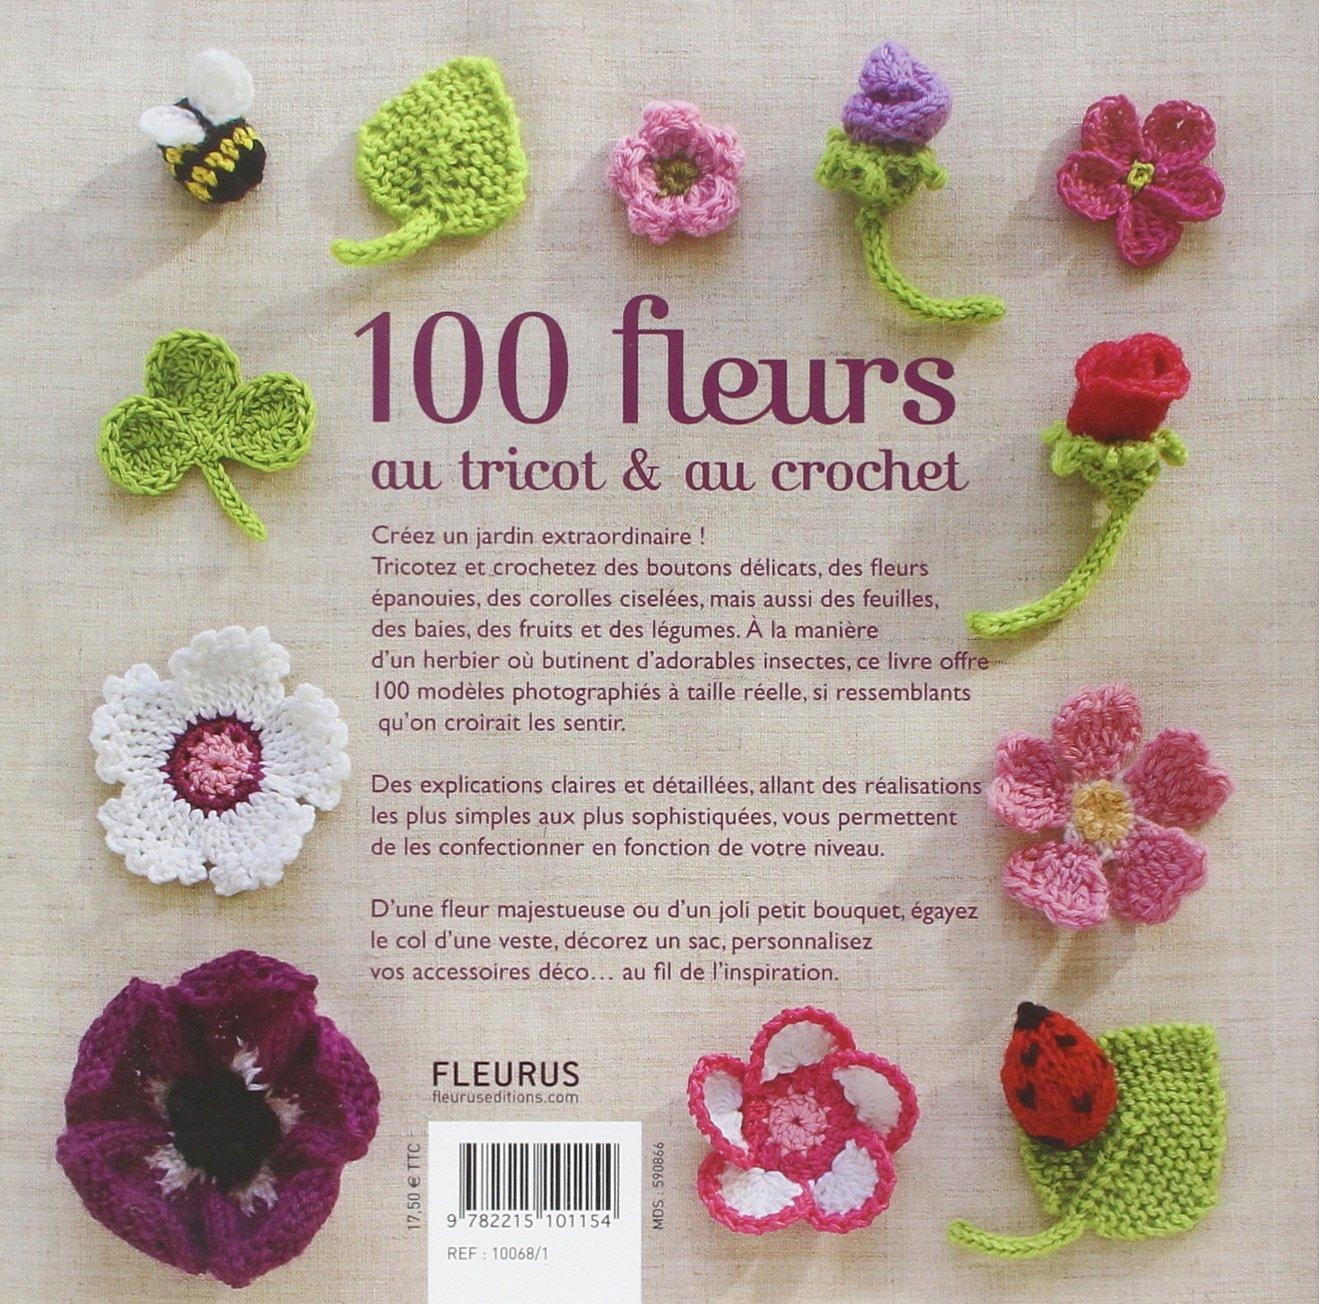 100 Fleurs Au Tricot Au Crochet Lesley Stanfield 9782215101154